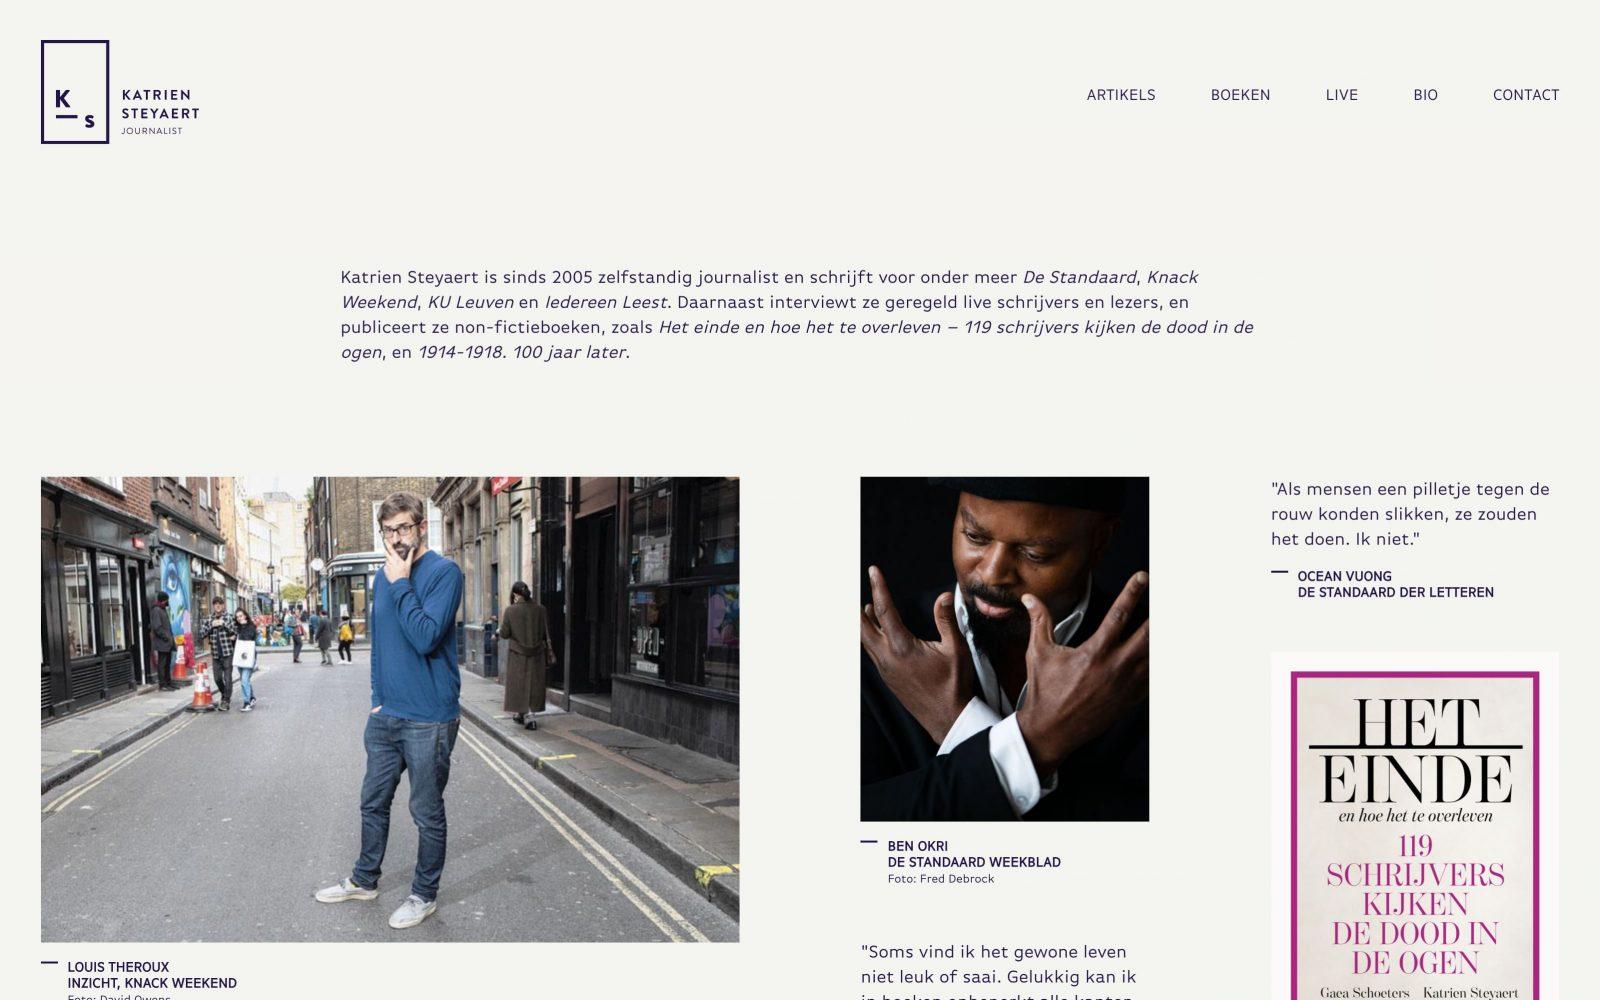 wordpress website op maat voor katrien steyaert ontwikkeld door studio métier uit gent